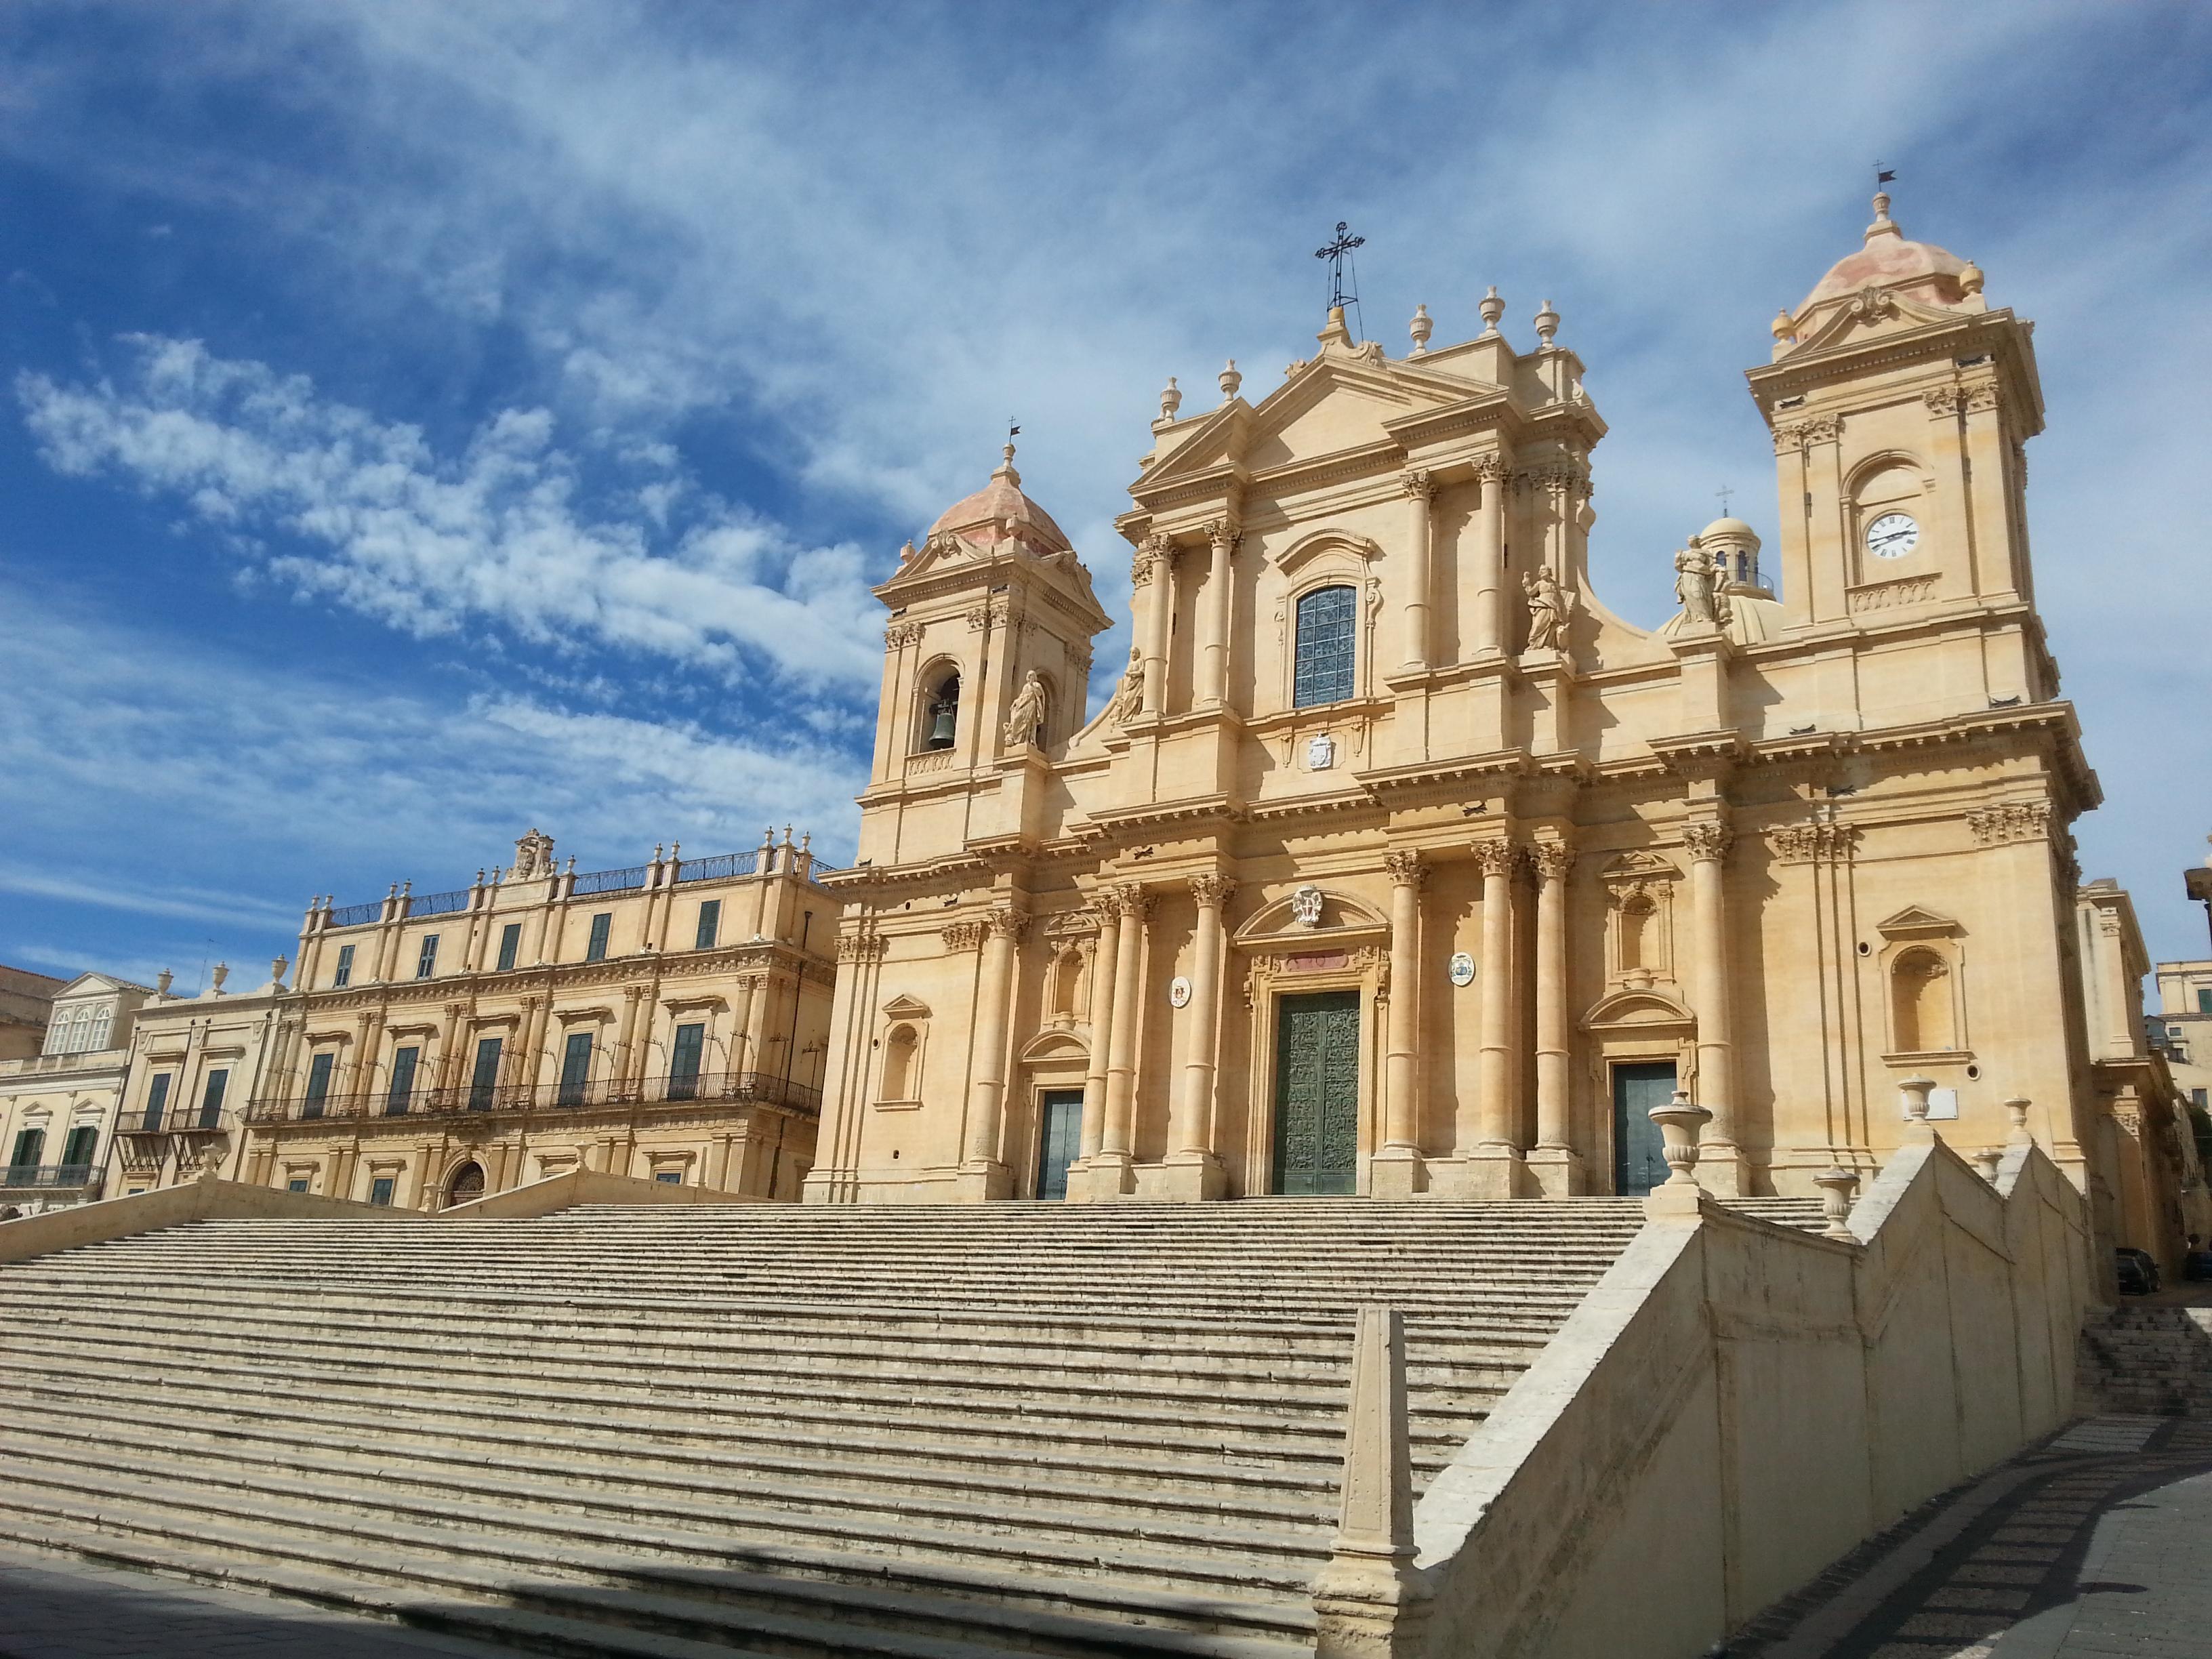 Nada's Italy image 2